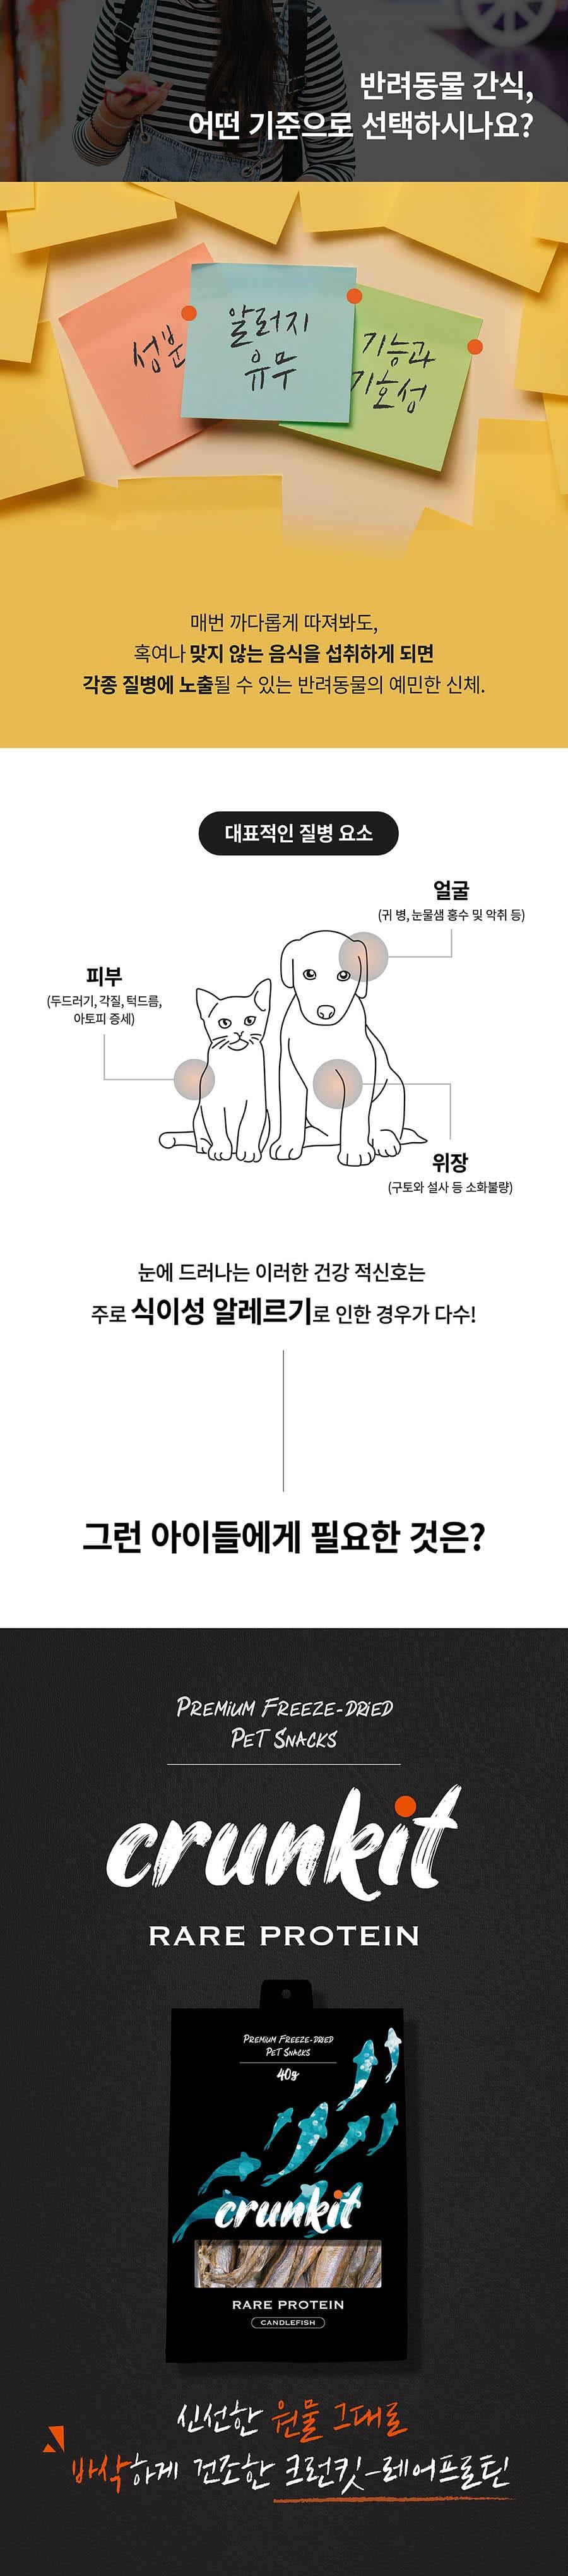 it 크런킷 레어프로틴 열빙어 대용량 (3개)-상품이미지-2